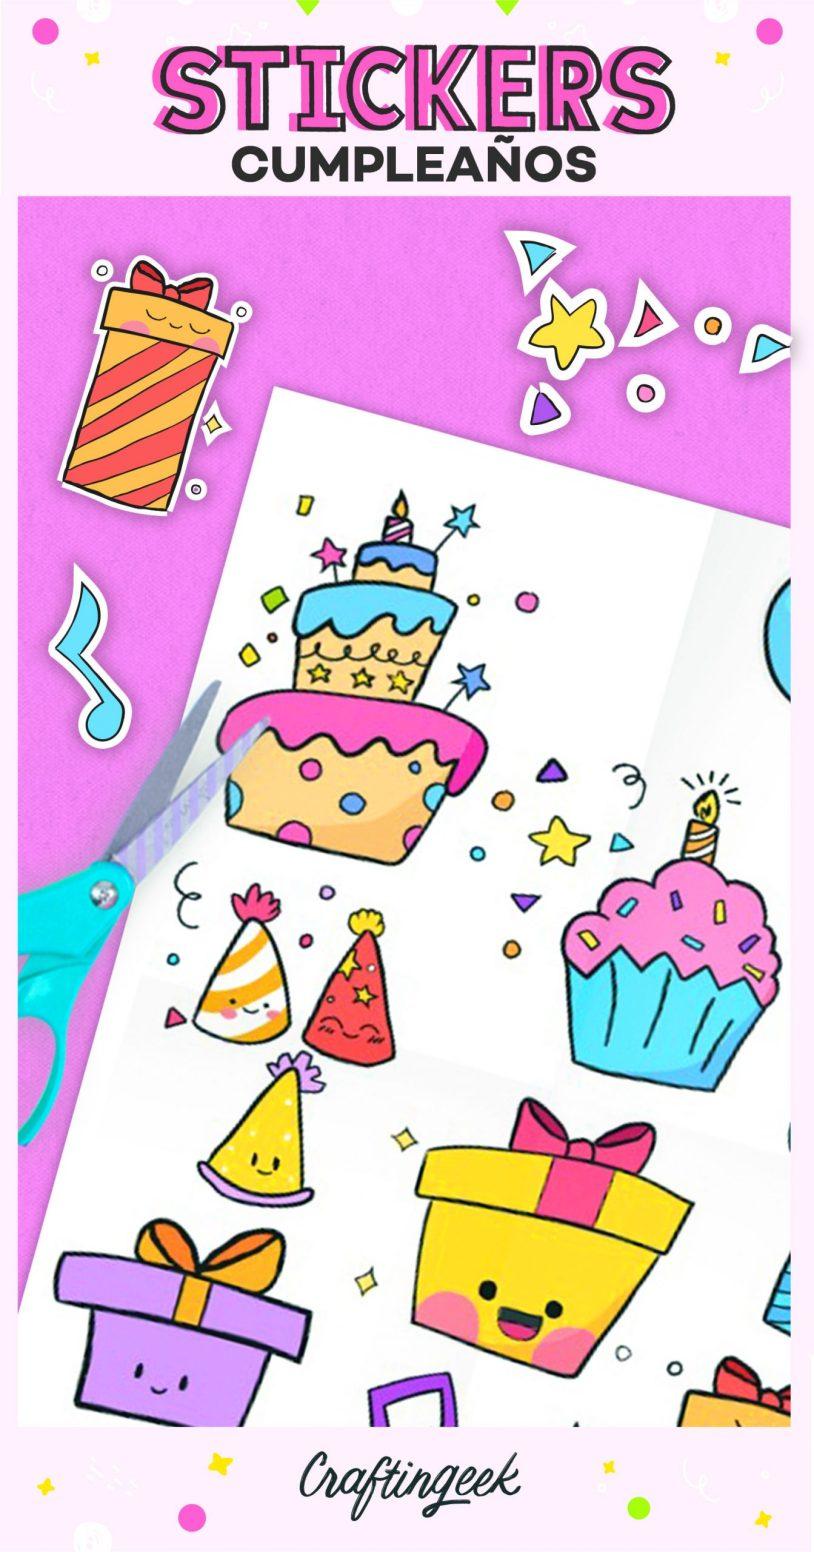 Stickers de cumpleaños_Portada